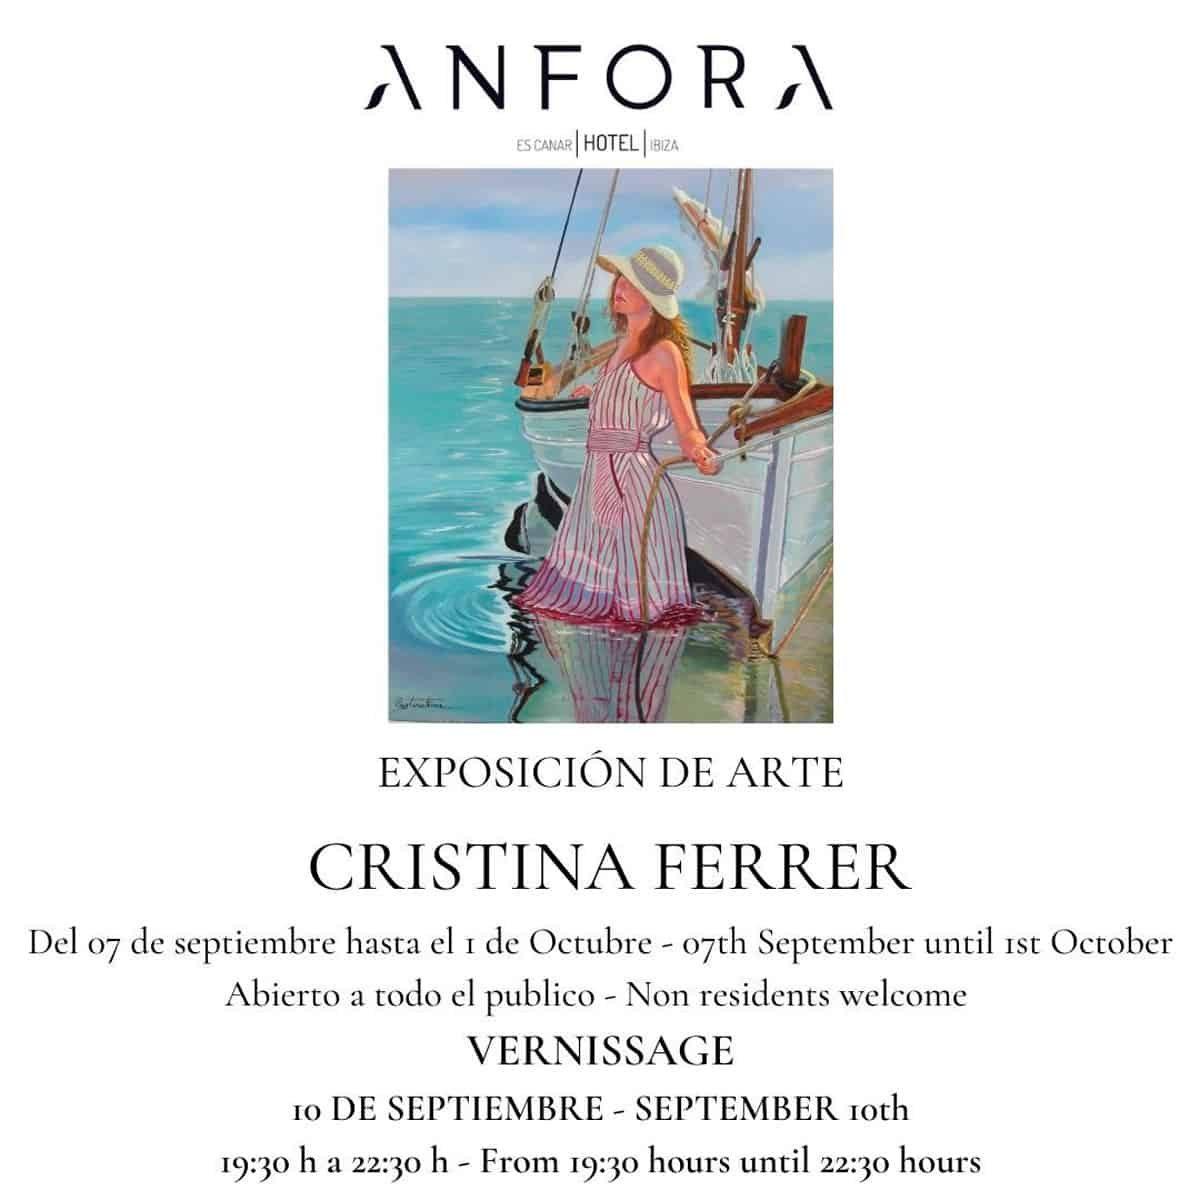 ausstellung-cristina-ferrer-anfora-hotel-ibiza-2021-welcometoibiza